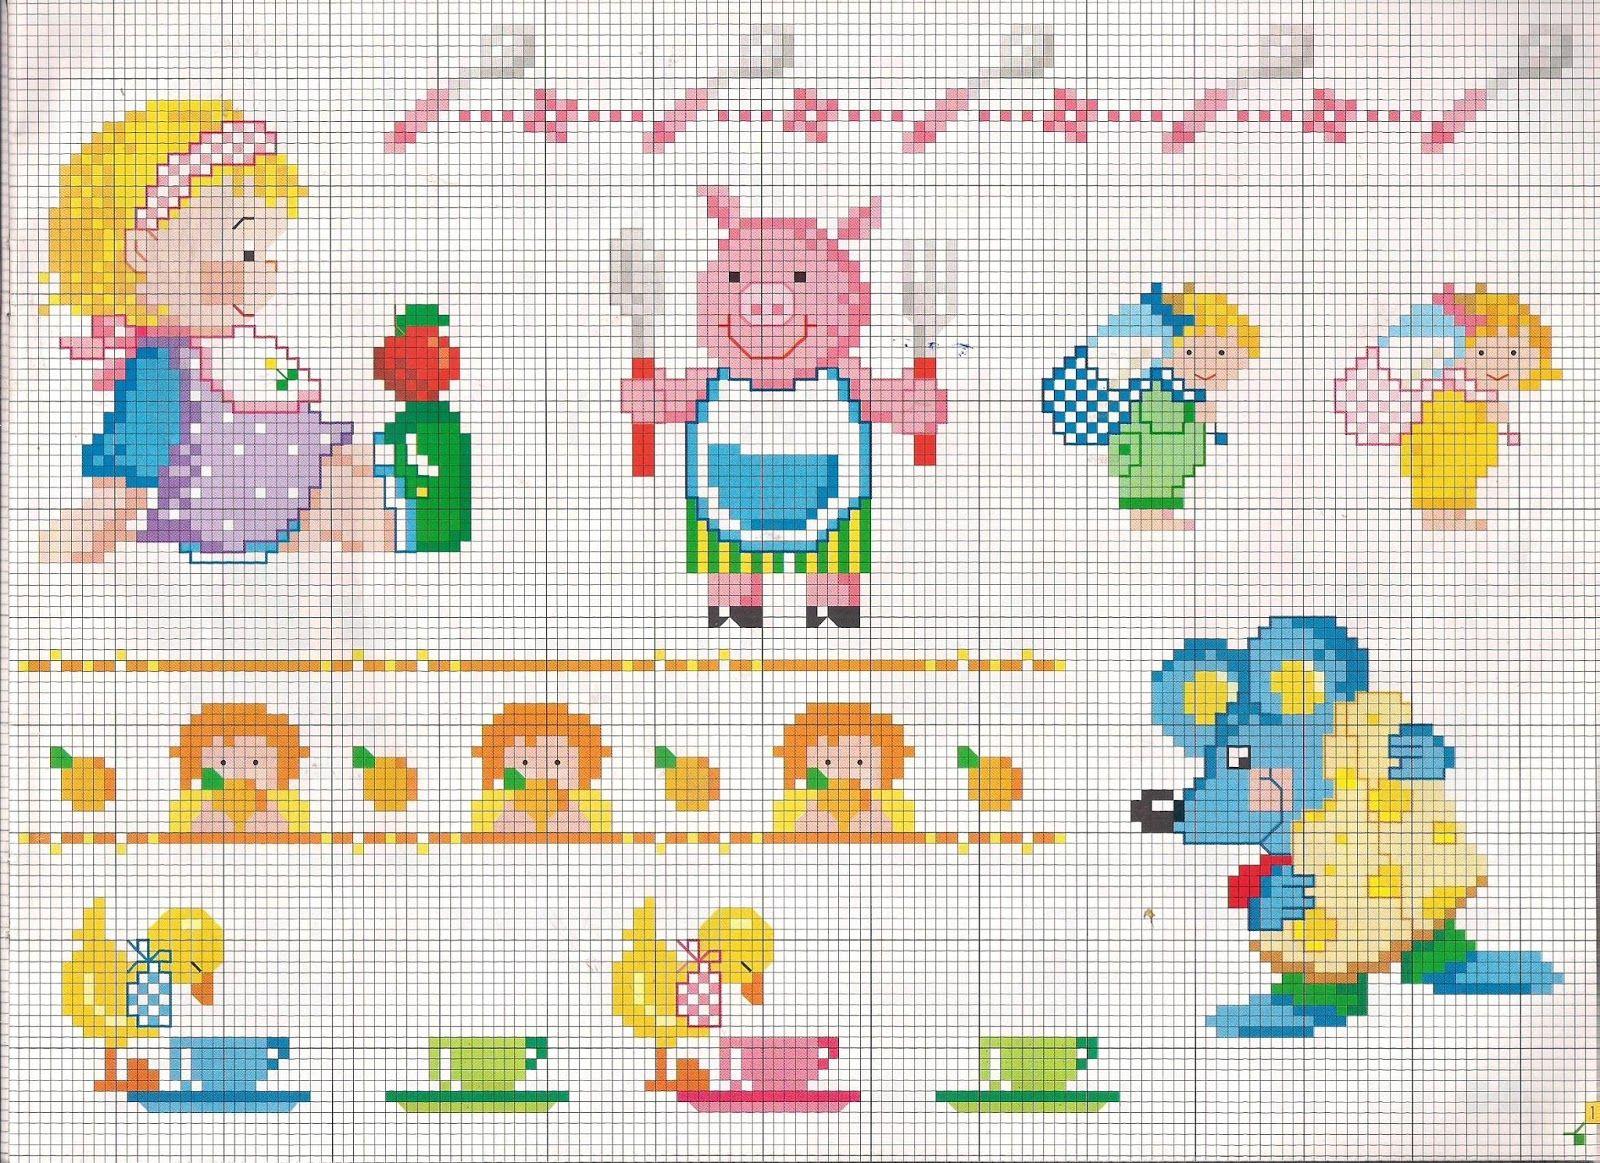 Ricami e schemi a punto croce gratuiti punto croce schemi for Punto croce schemi bambini